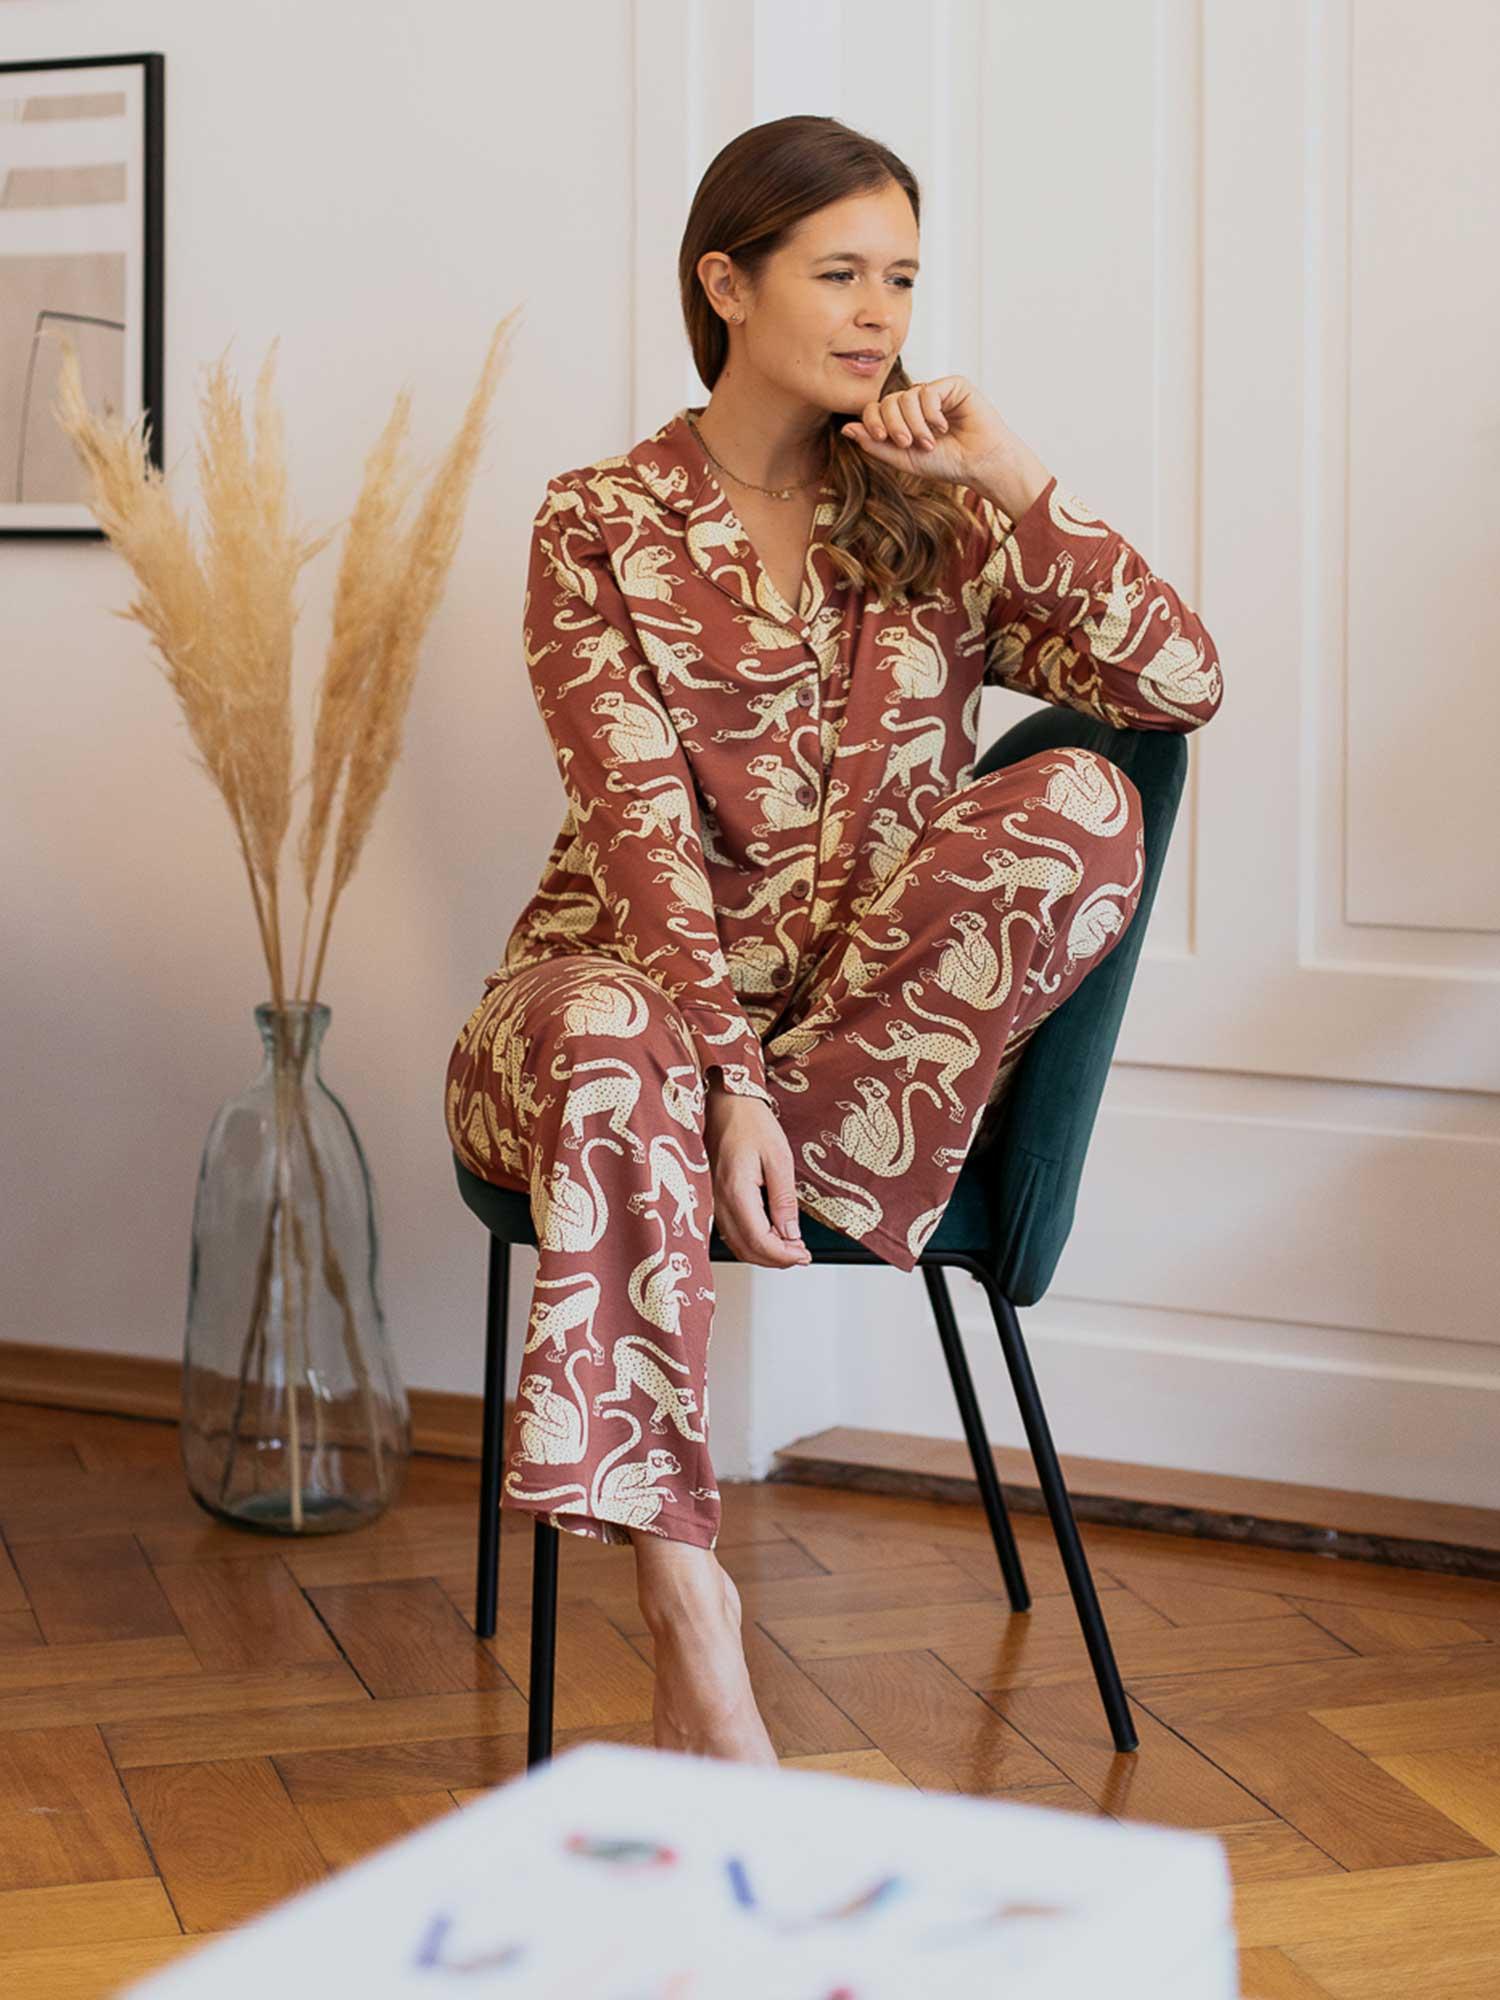 Die Loungewear macht nicht nur gute Laune, sondern ist dank des weichen Materials super gemütlich. | mey®